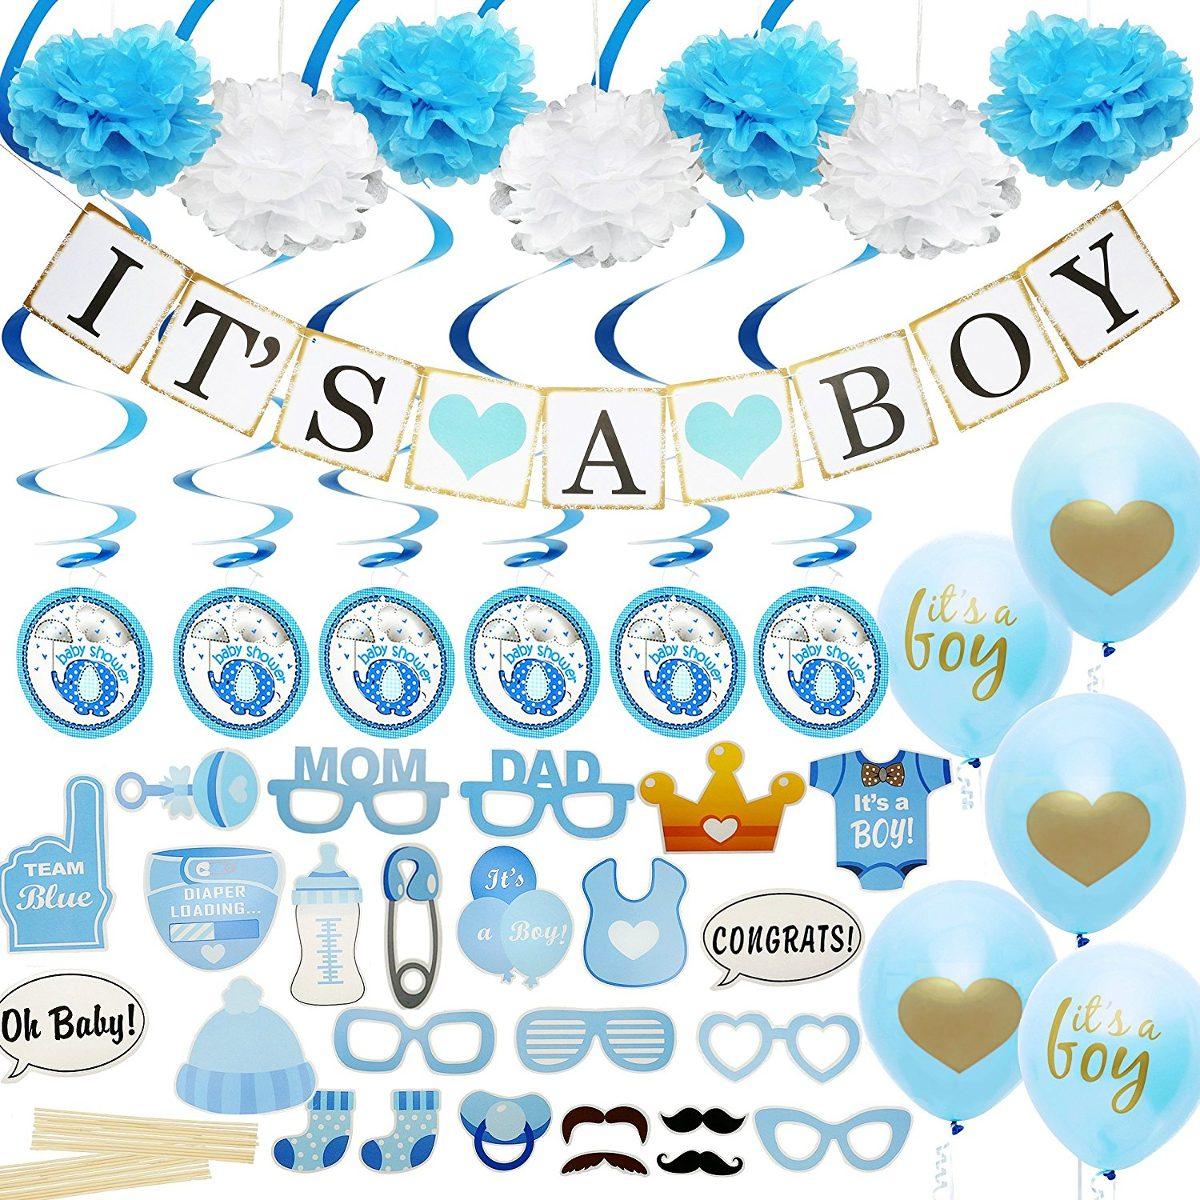 Decoraciones de baby shower para ni o incluye una pancar - Decoracion de baby shower nino ...